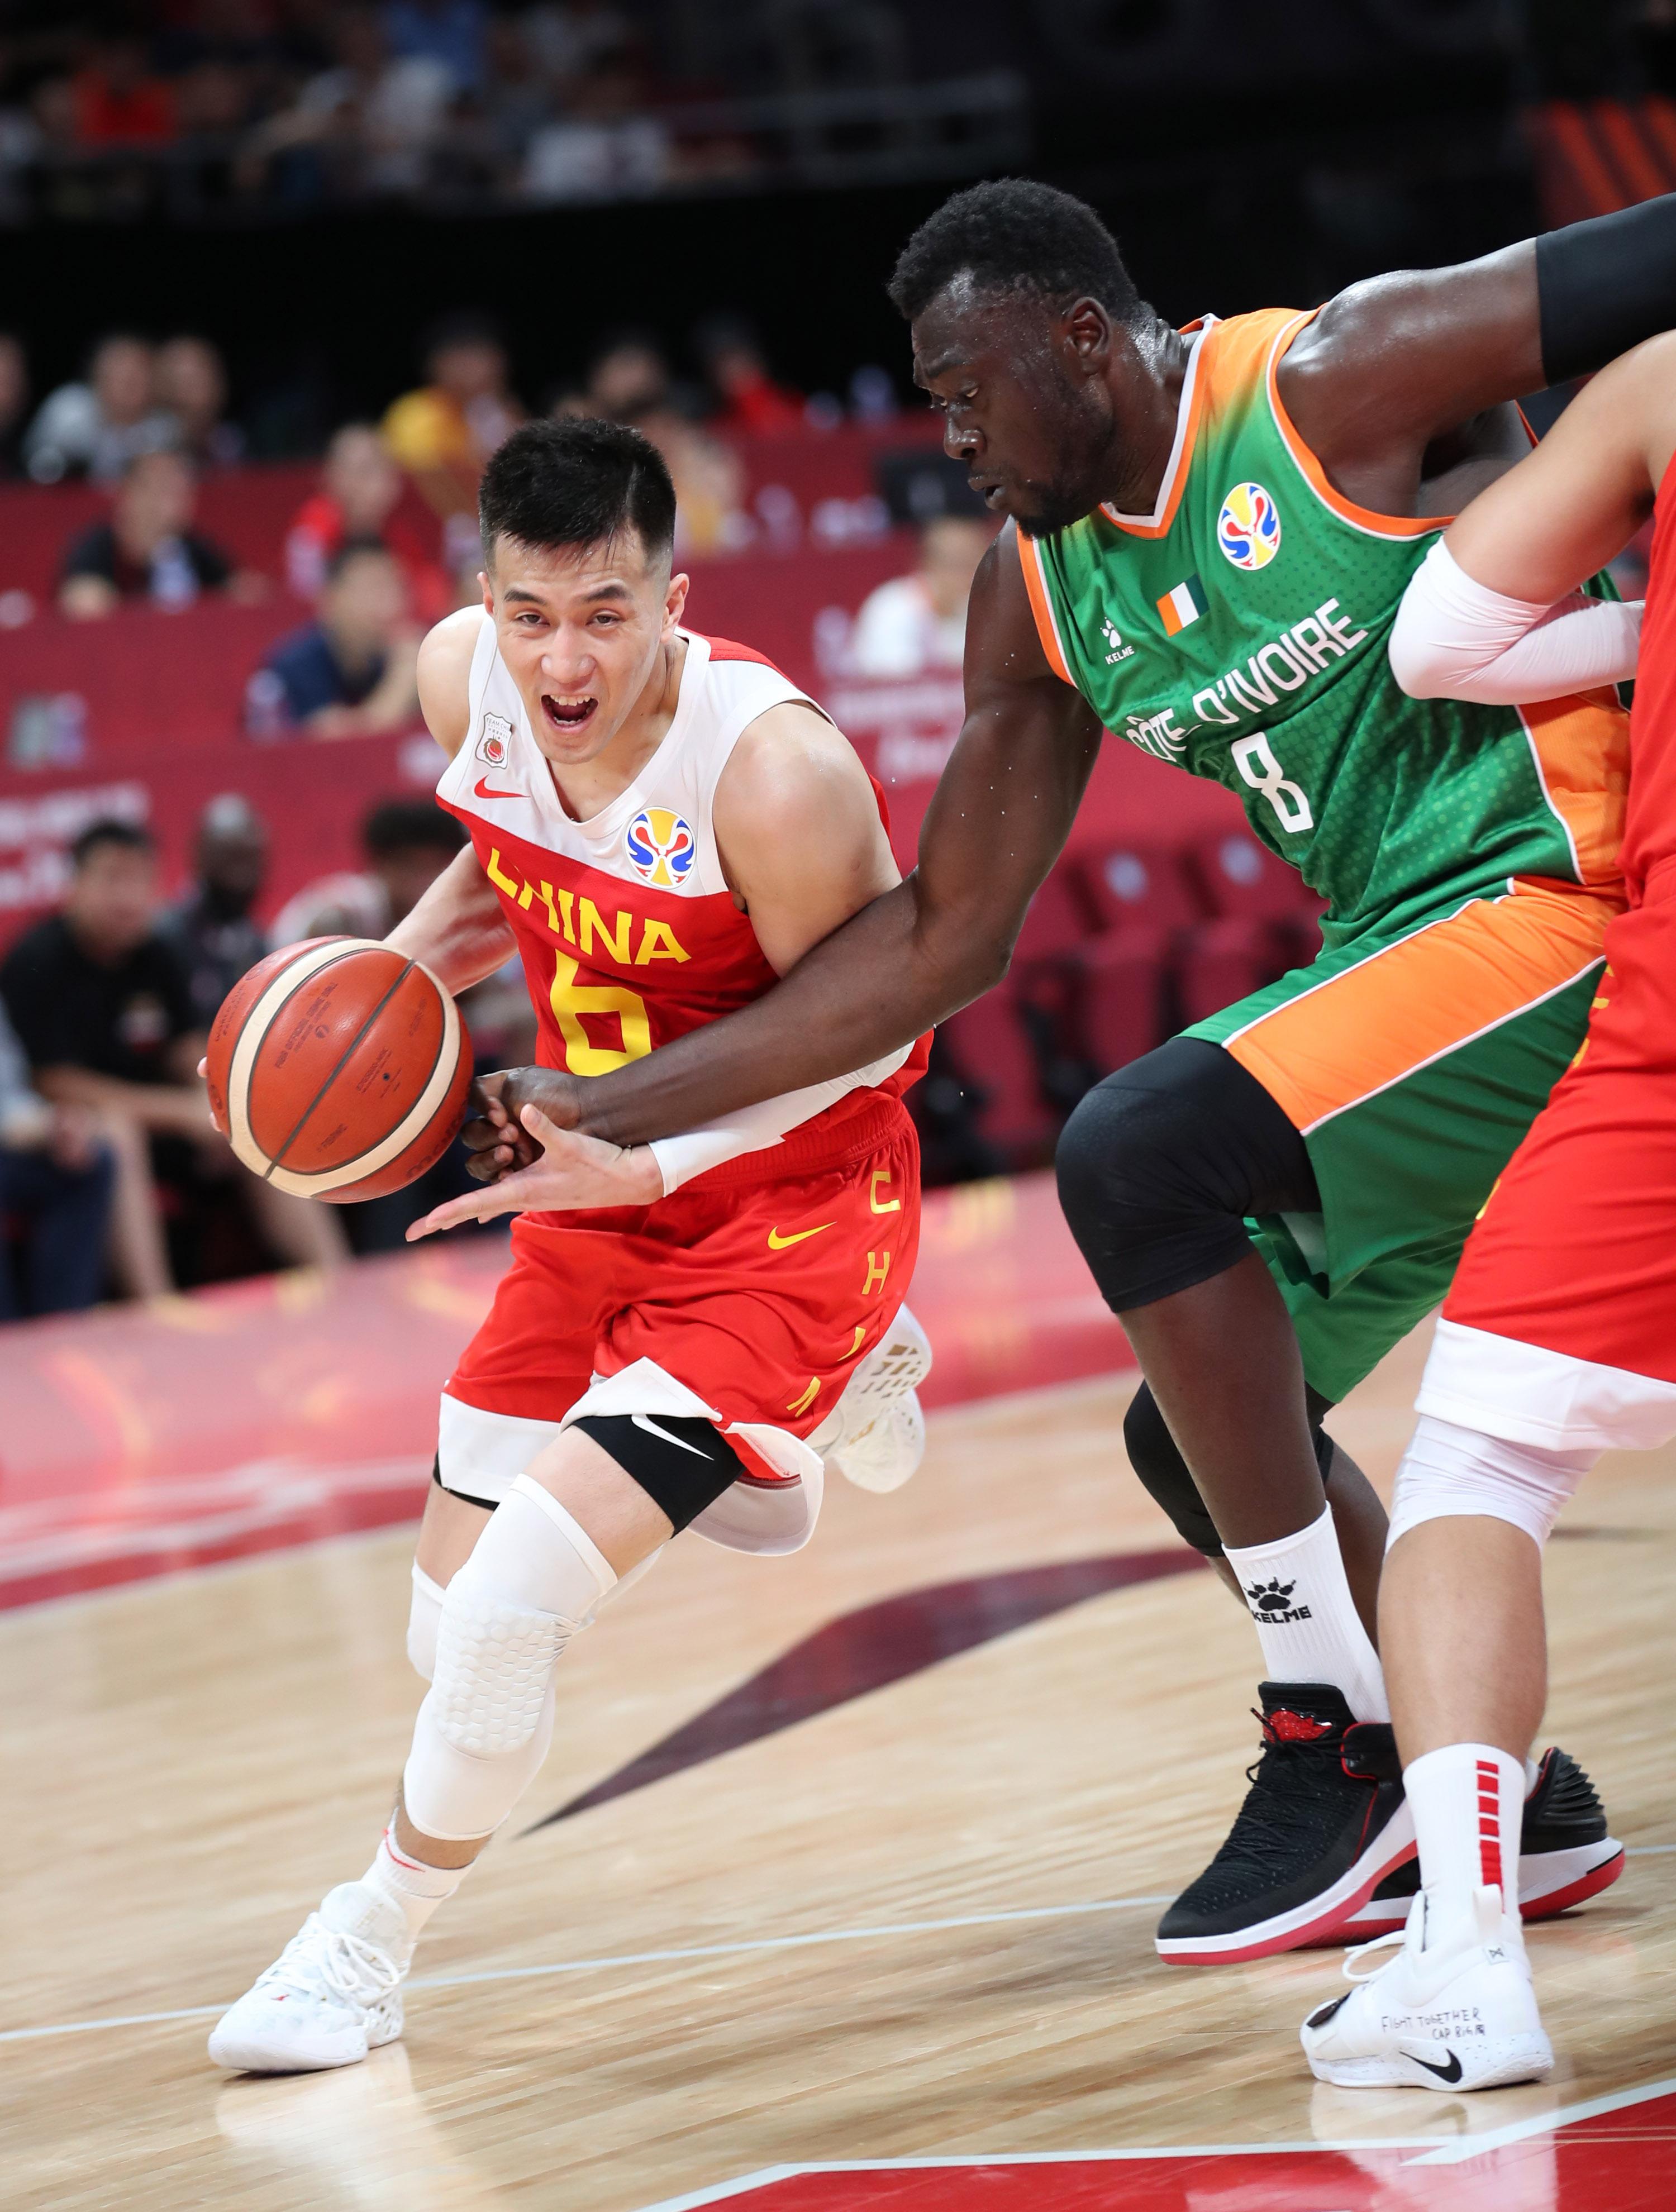 中国篮球_篮球——小组赛:中国队胜科特迪瓦队_比赛